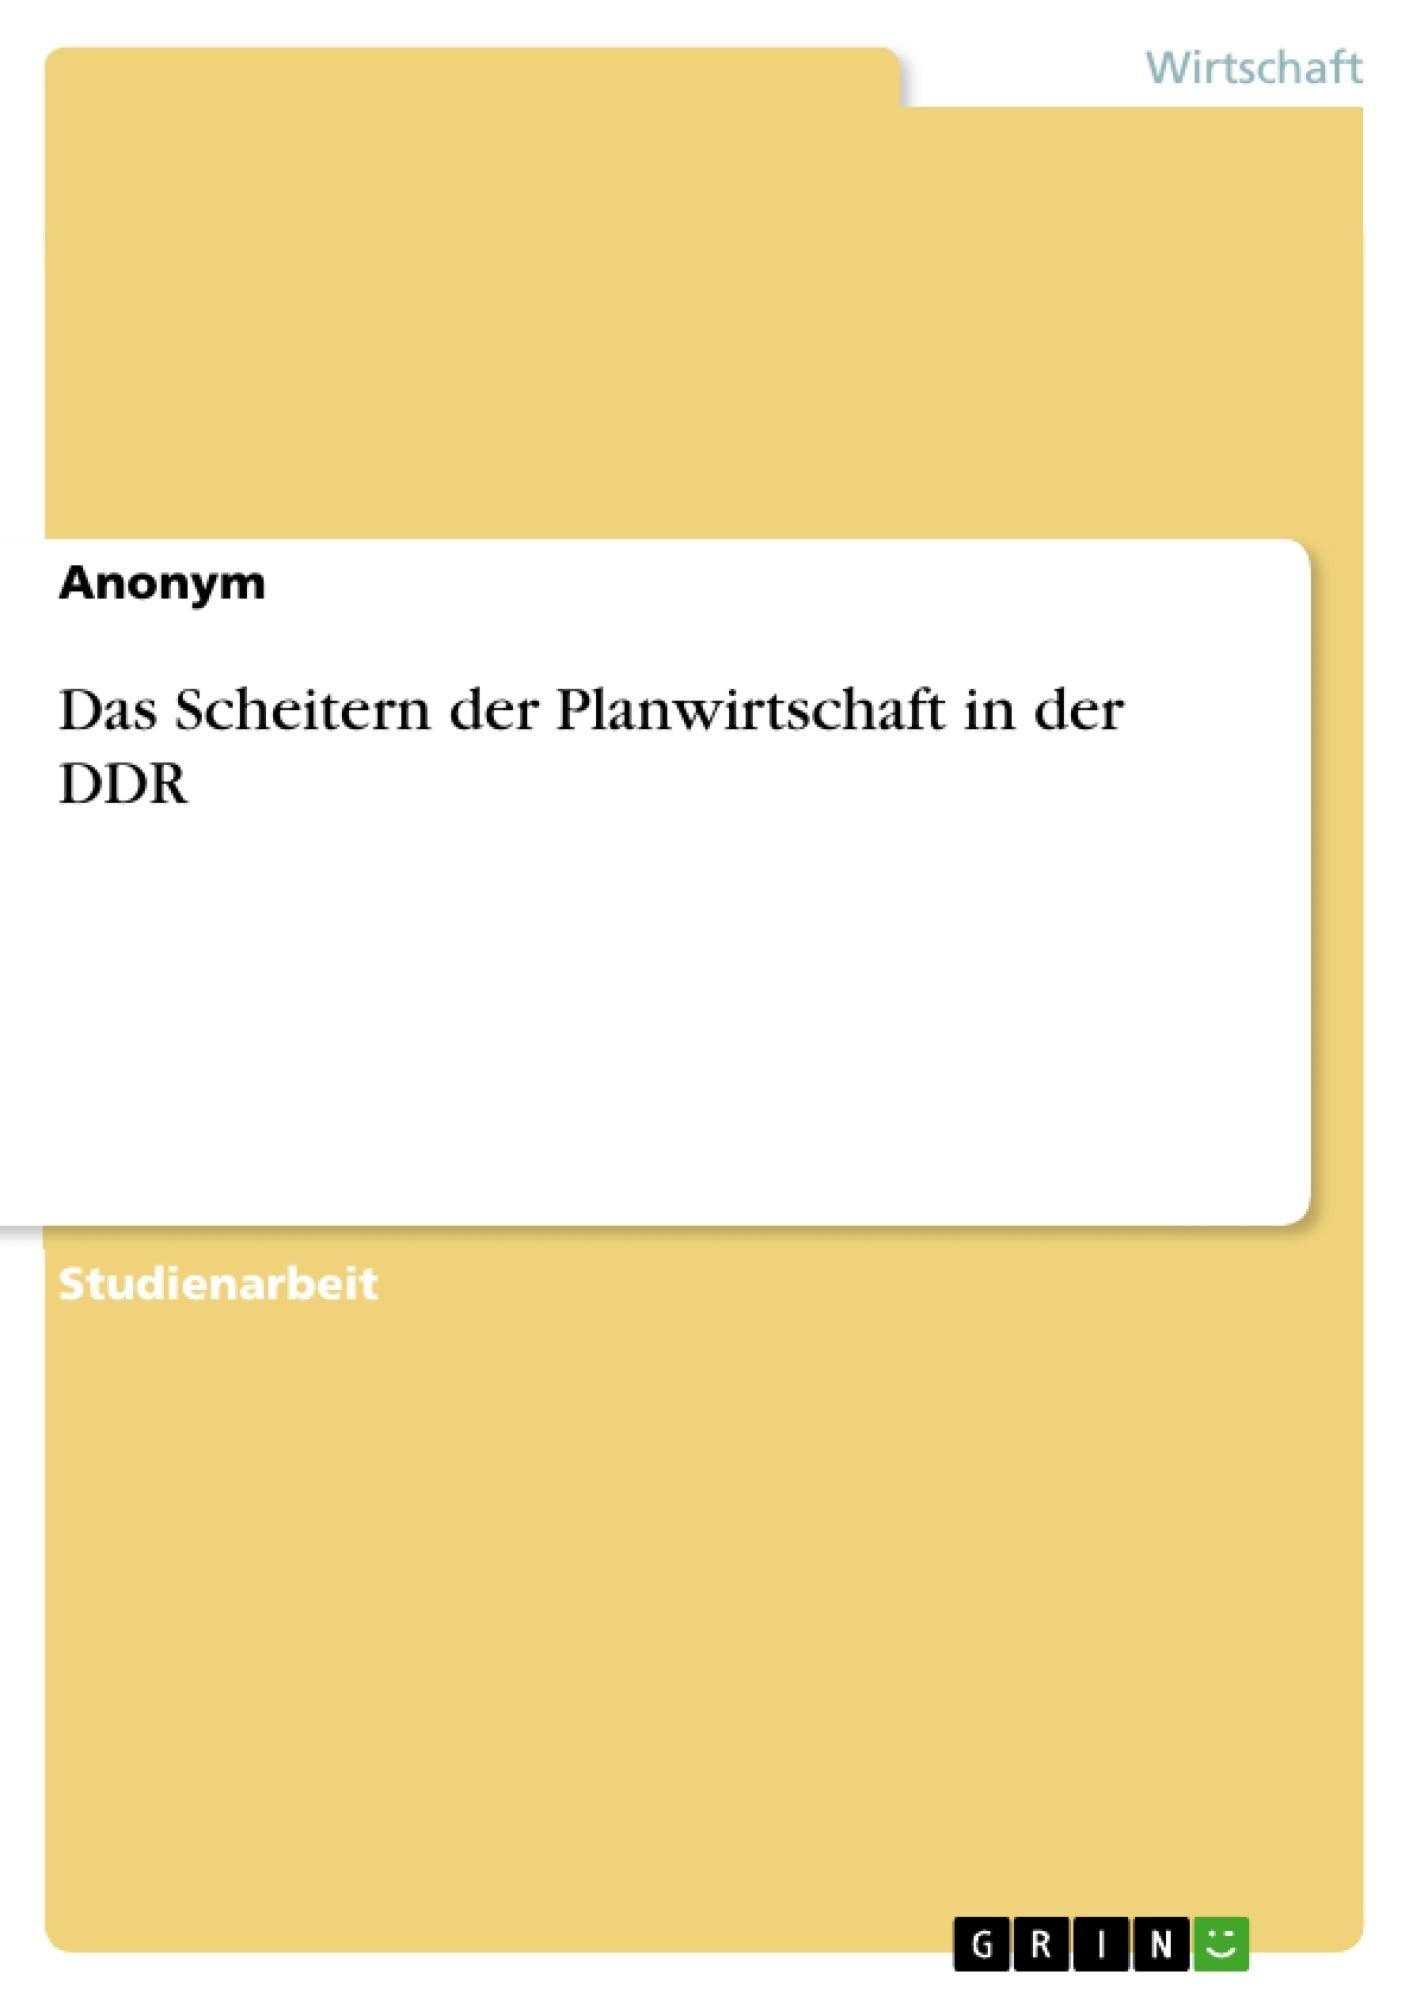 Titel: Das Scheitern der Planwirtschaft in der DDR